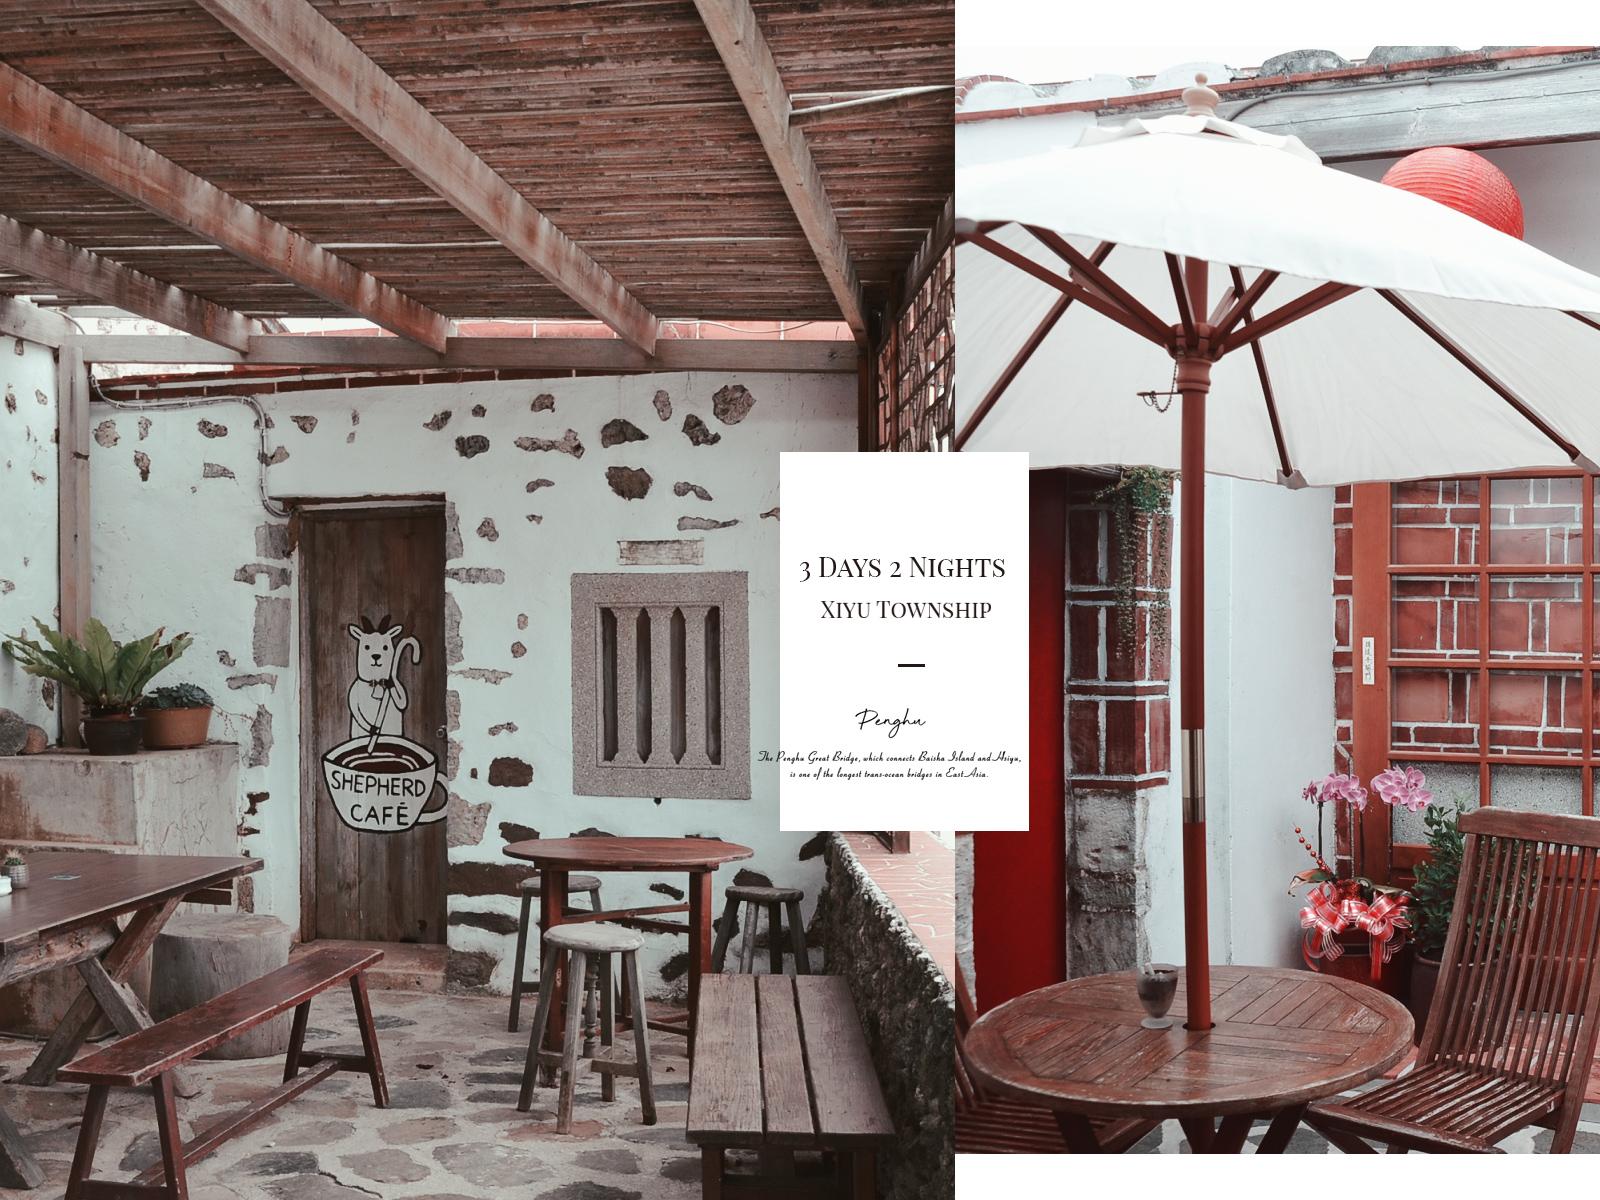 澎湖IG打卡景點|牧羊人咖啡館-聚落裡的三合院咖啡,北環途中休憩小店